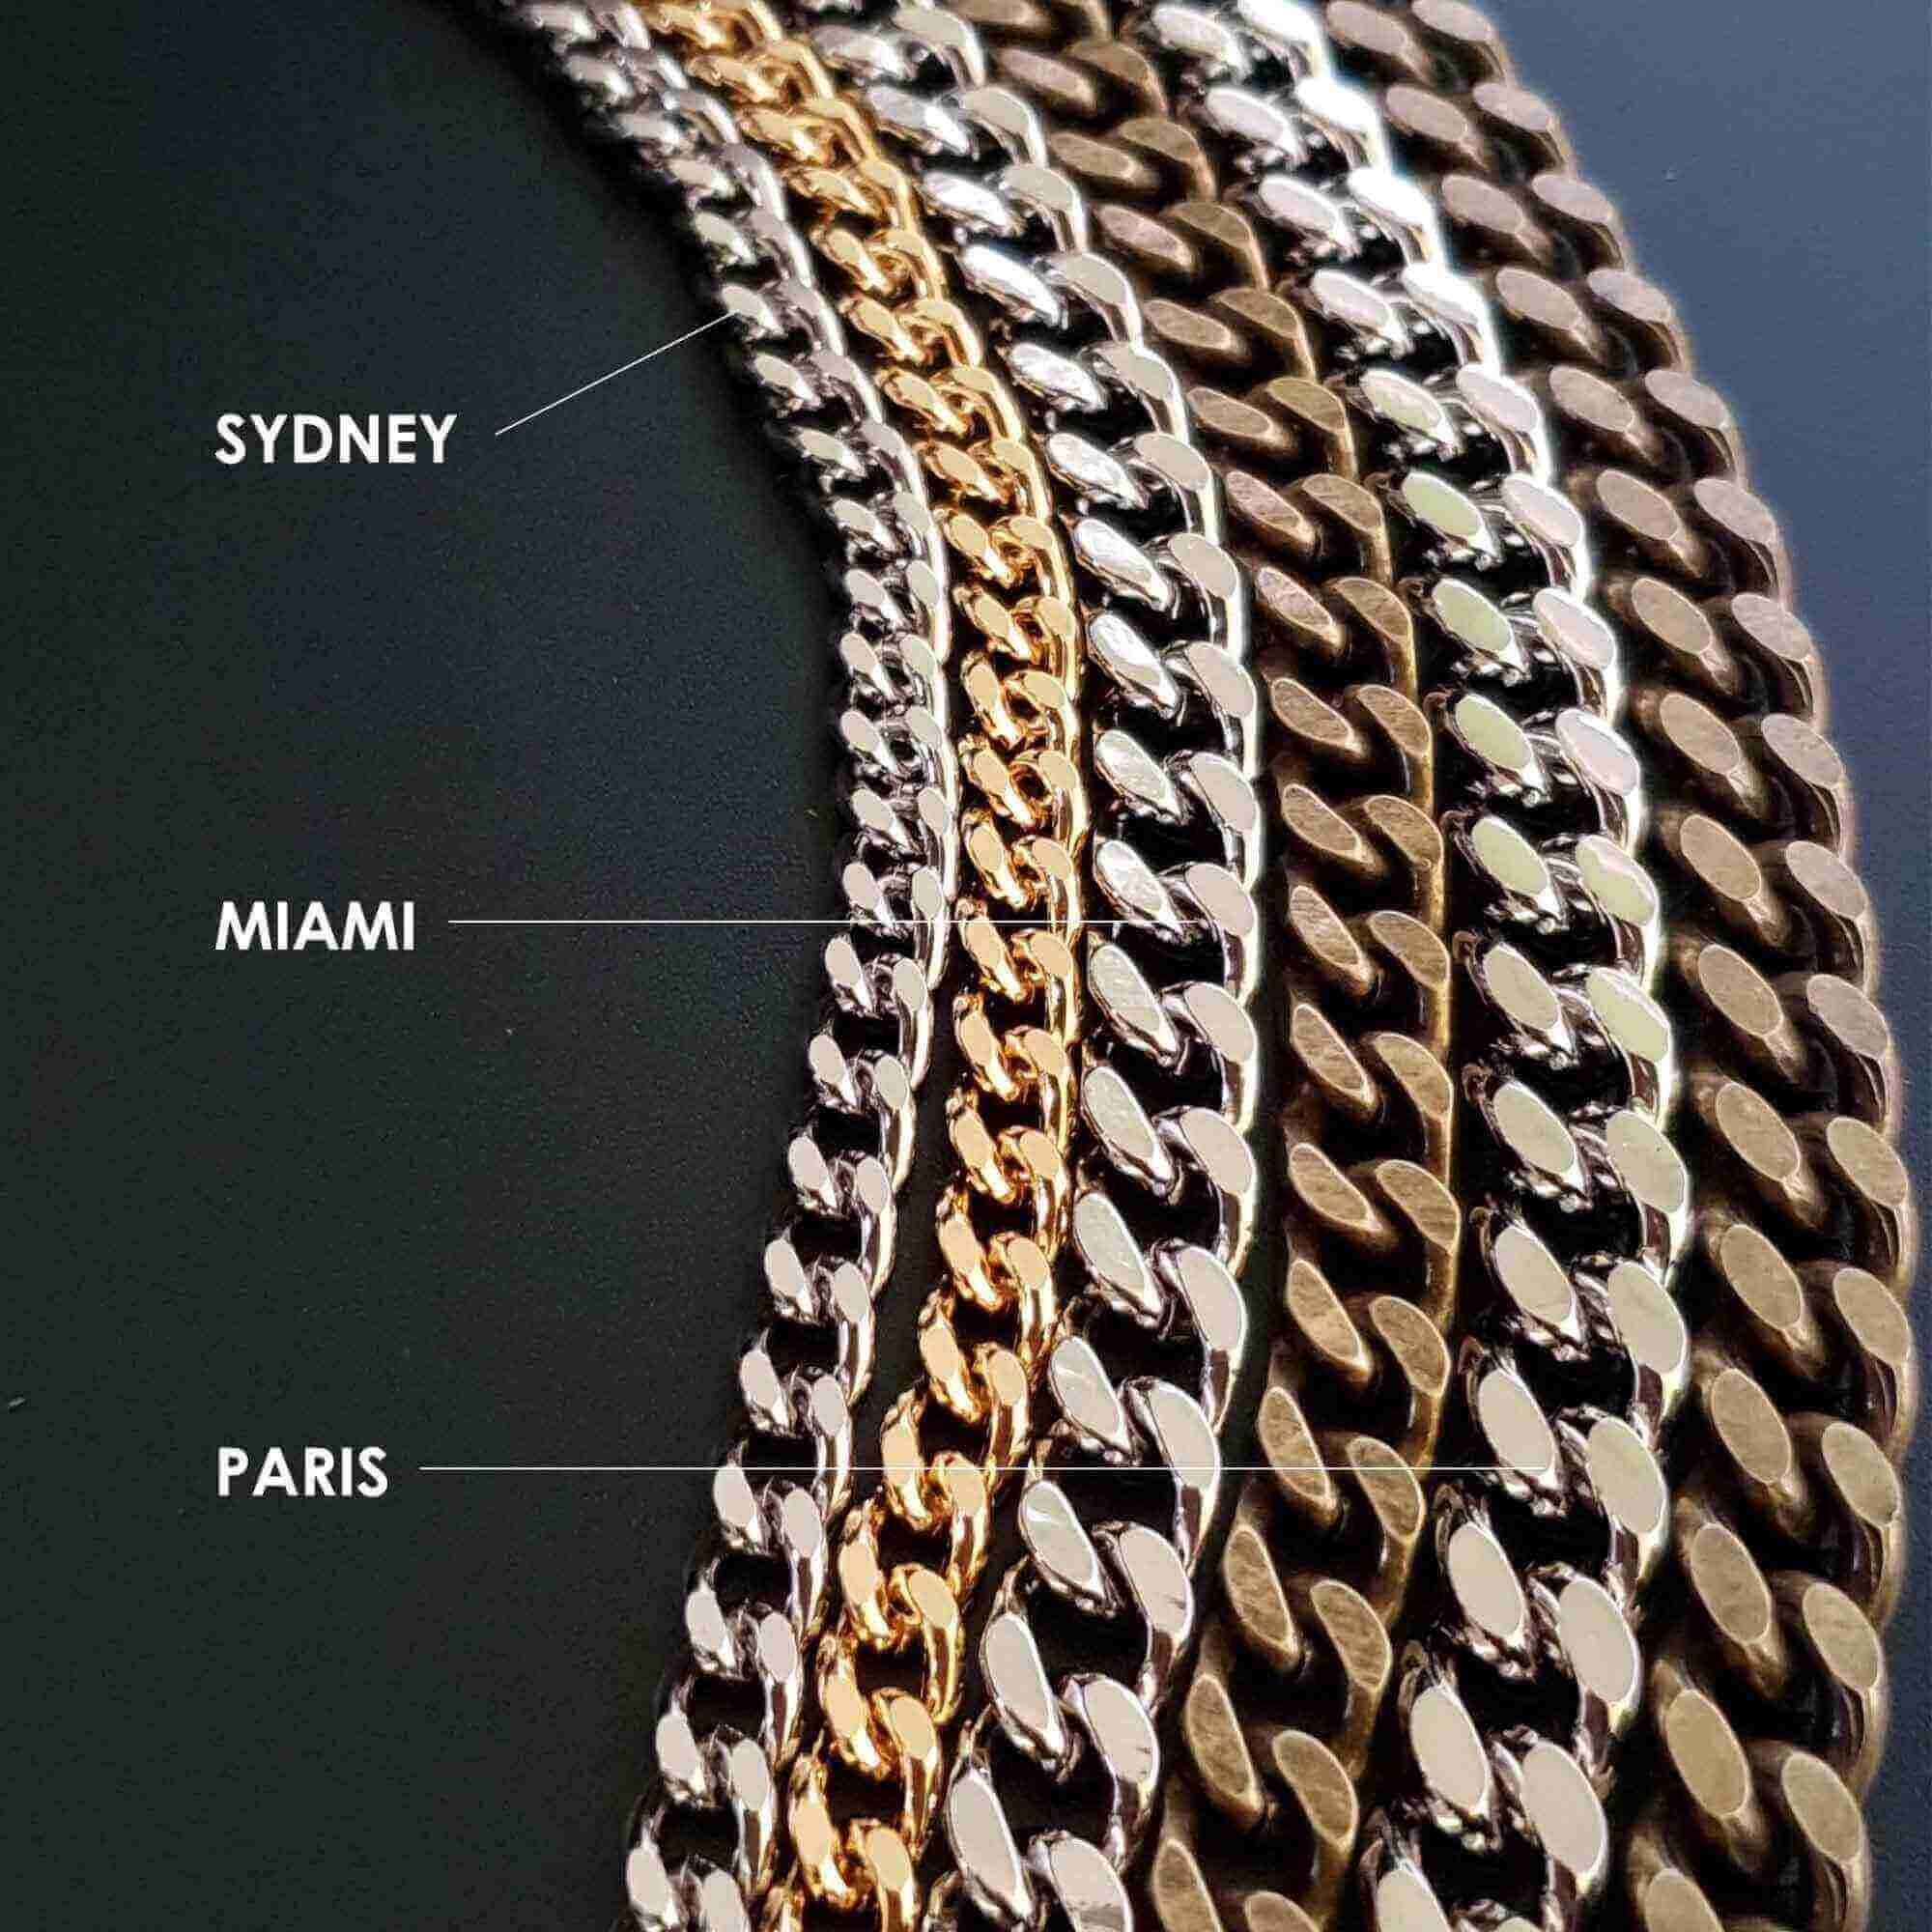 Chaîne de sac au mètre - Sydney - ARGENT VIEILLI - Les 10 cm